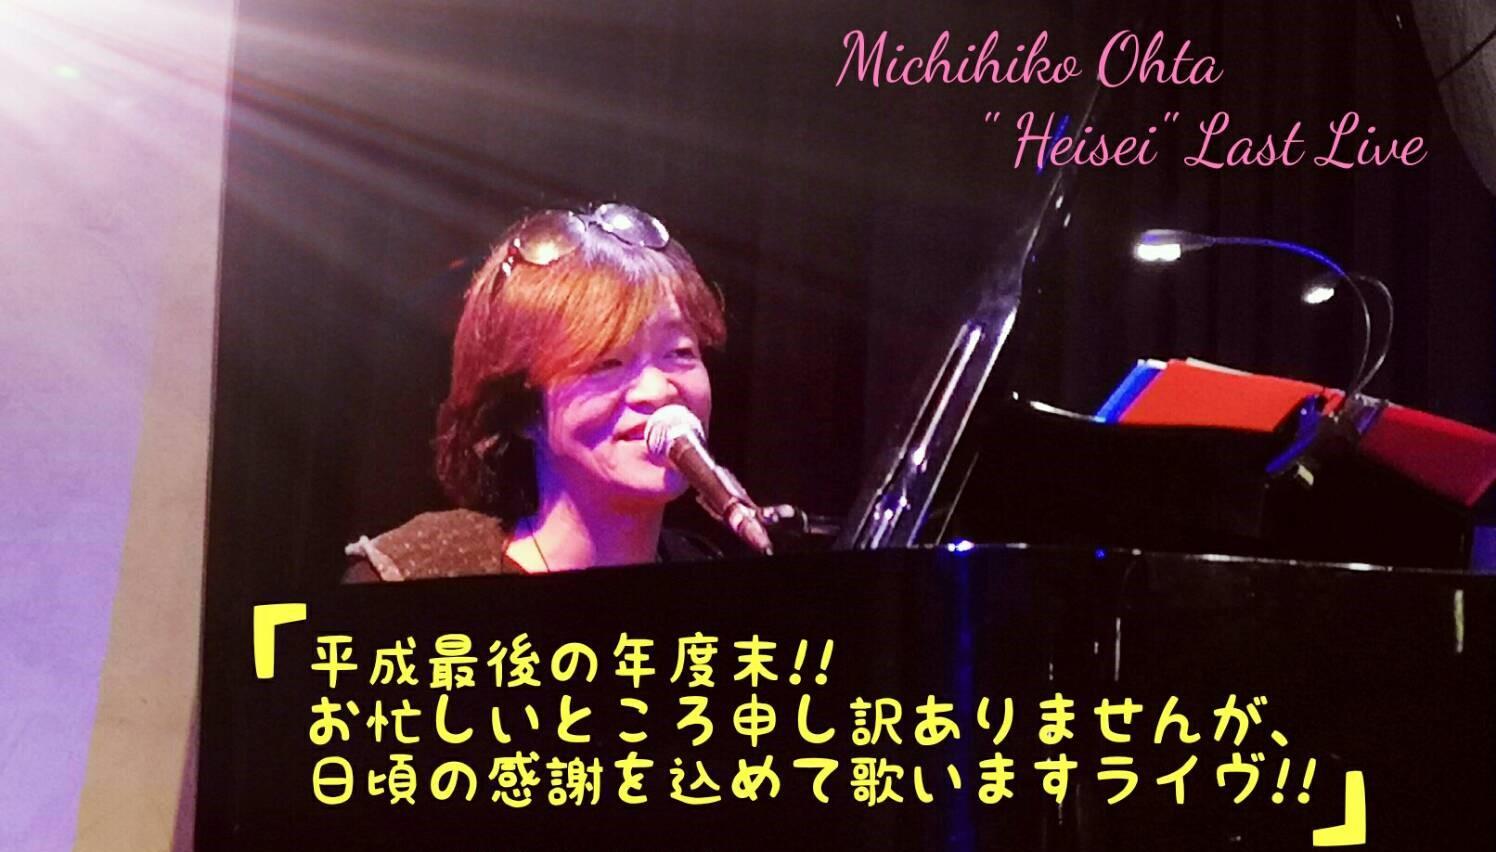 """Michihiko Ohta """"Heisei"""" Last Live 「平成最後の年度末!! お忙しいところ申し訳ありませんが、日頃の感謝を込めて歌いますライヴ!!」"""